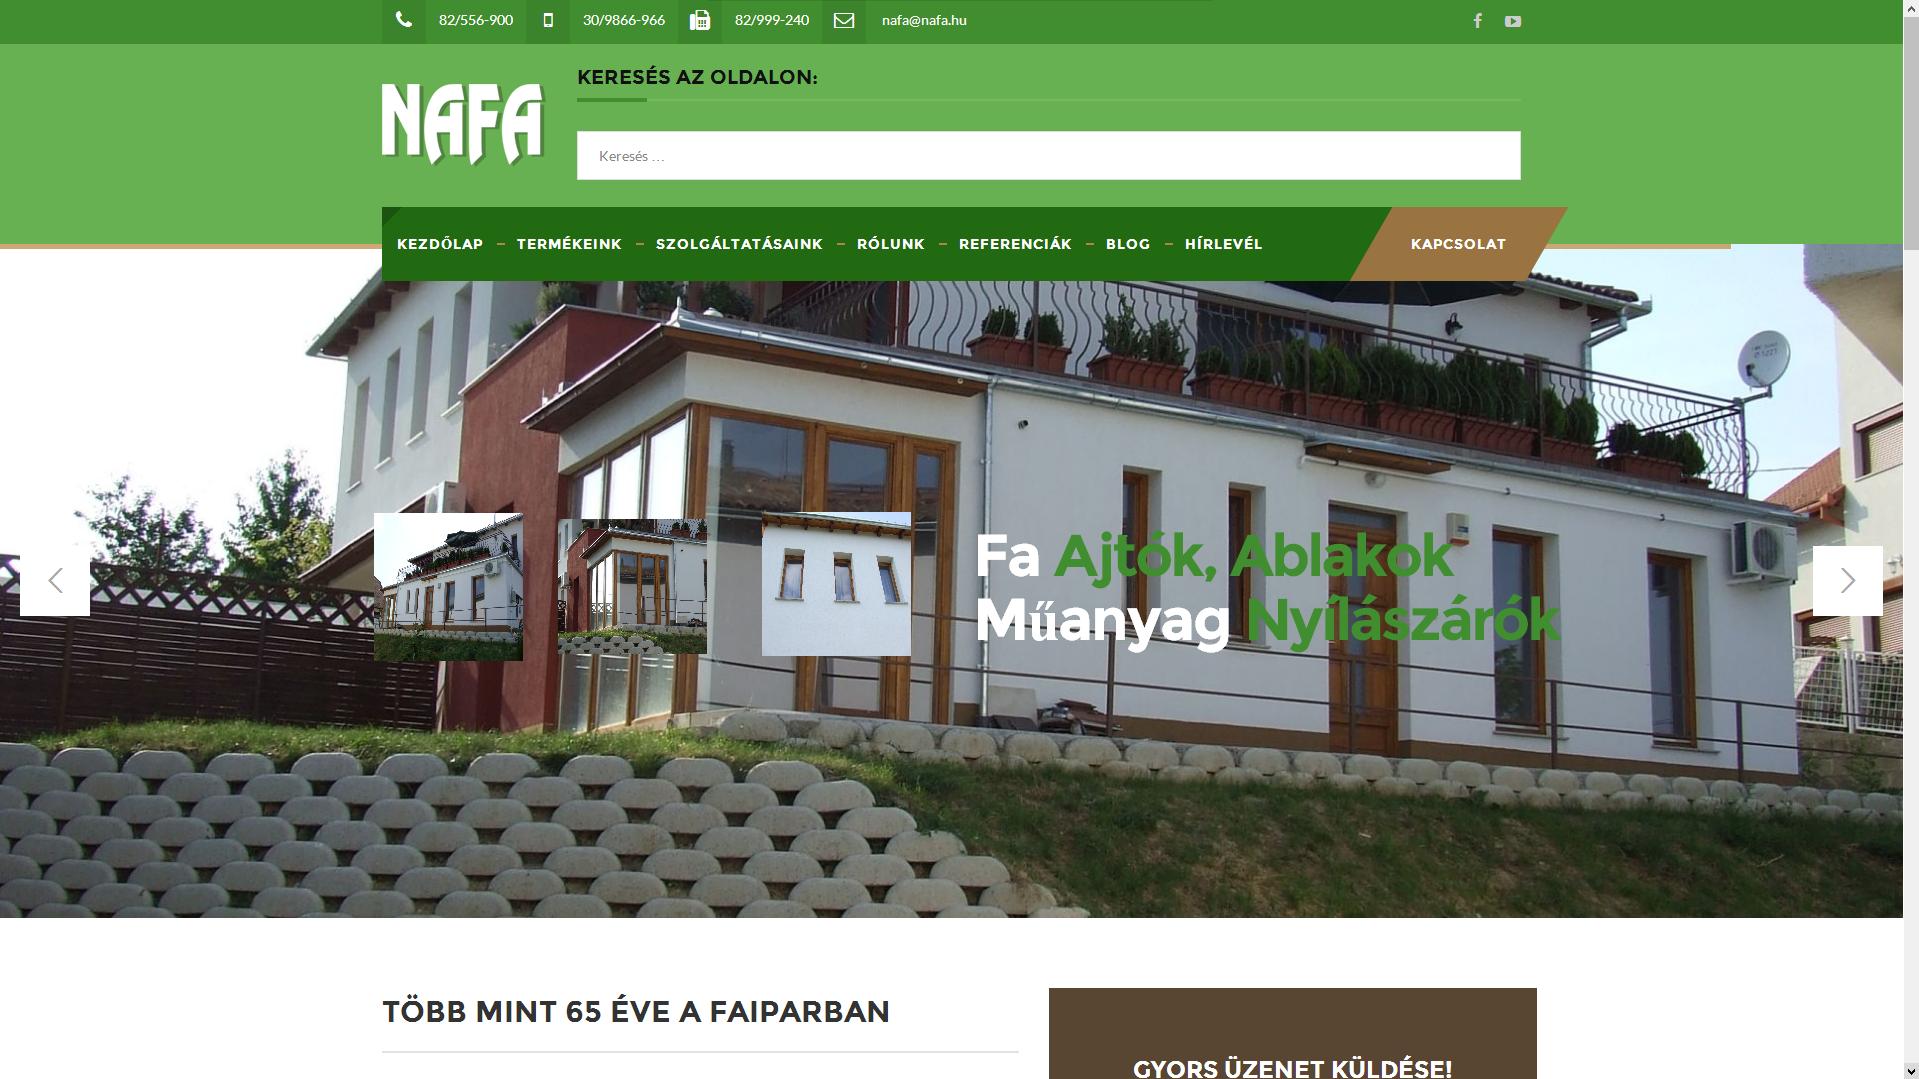 NAFA Kft. Honlap Ajtó, Ablak, Műanyag, Fa